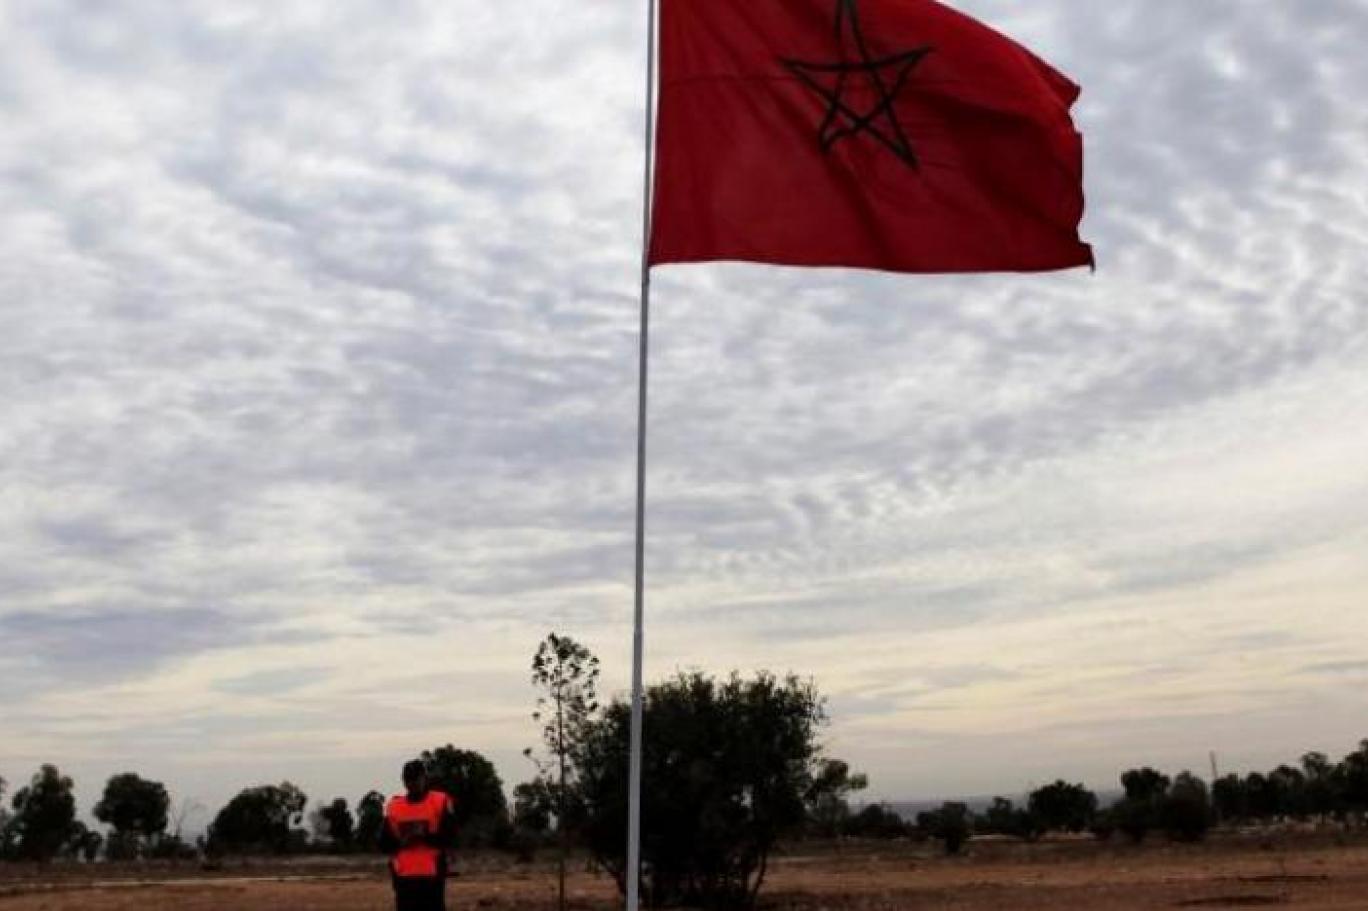 كيف كانت مشاركات المغرب في القمم العربية في العقدين الماضيين؟ | اندبندنت عربية